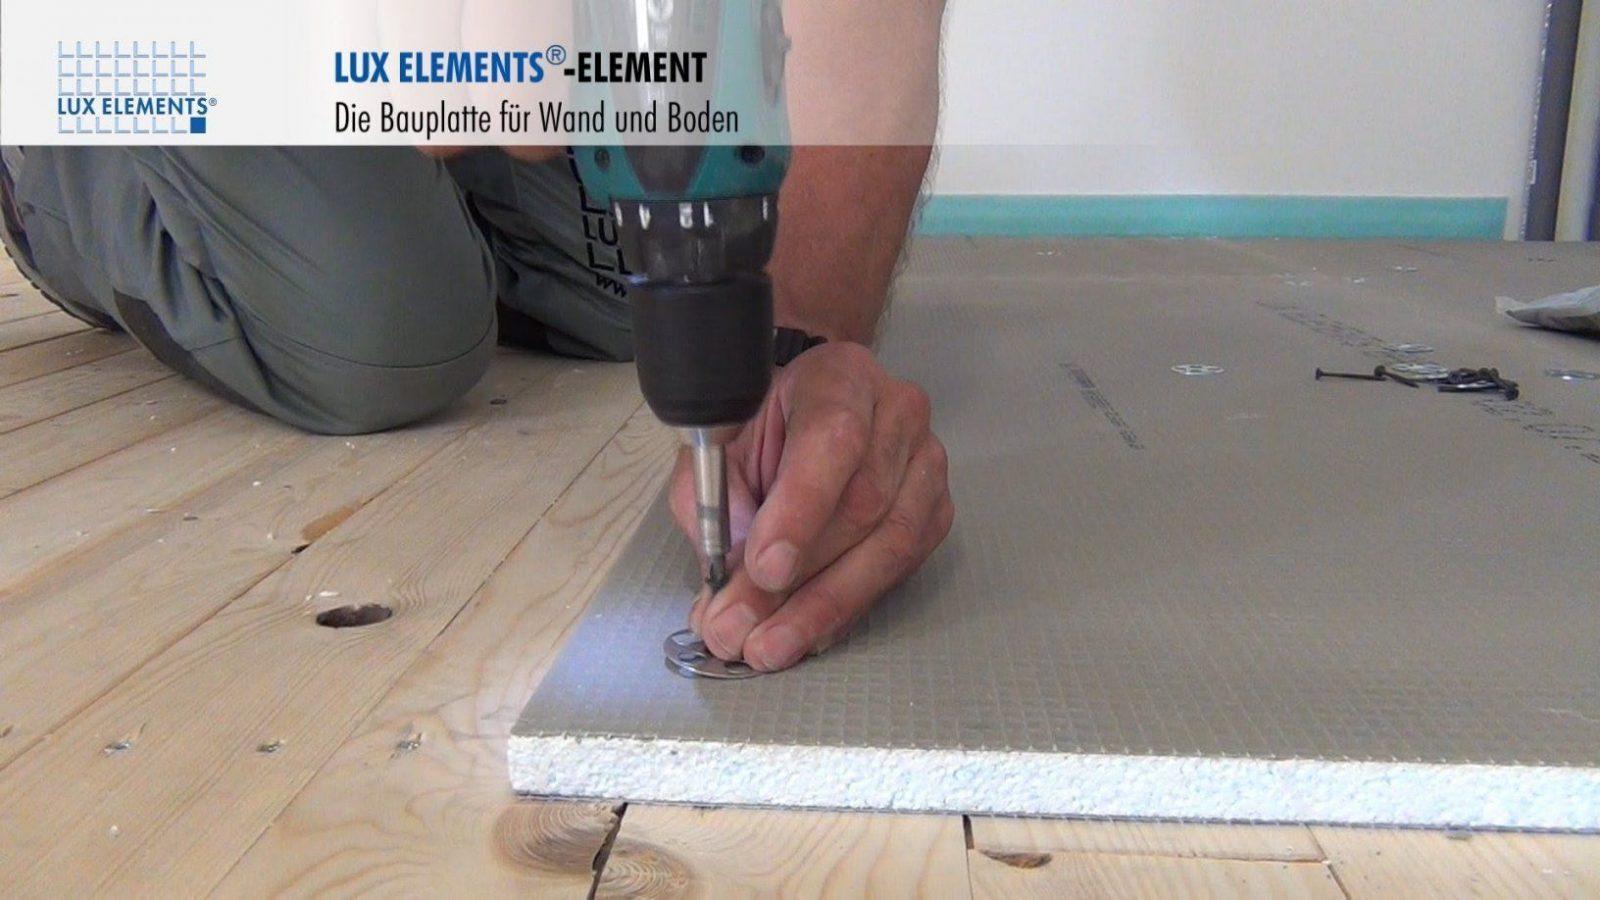 Lux Elements Montage Bauplatte Element Auf Holzböden  Youtube von Fliesen Legen Auf Holz Photo